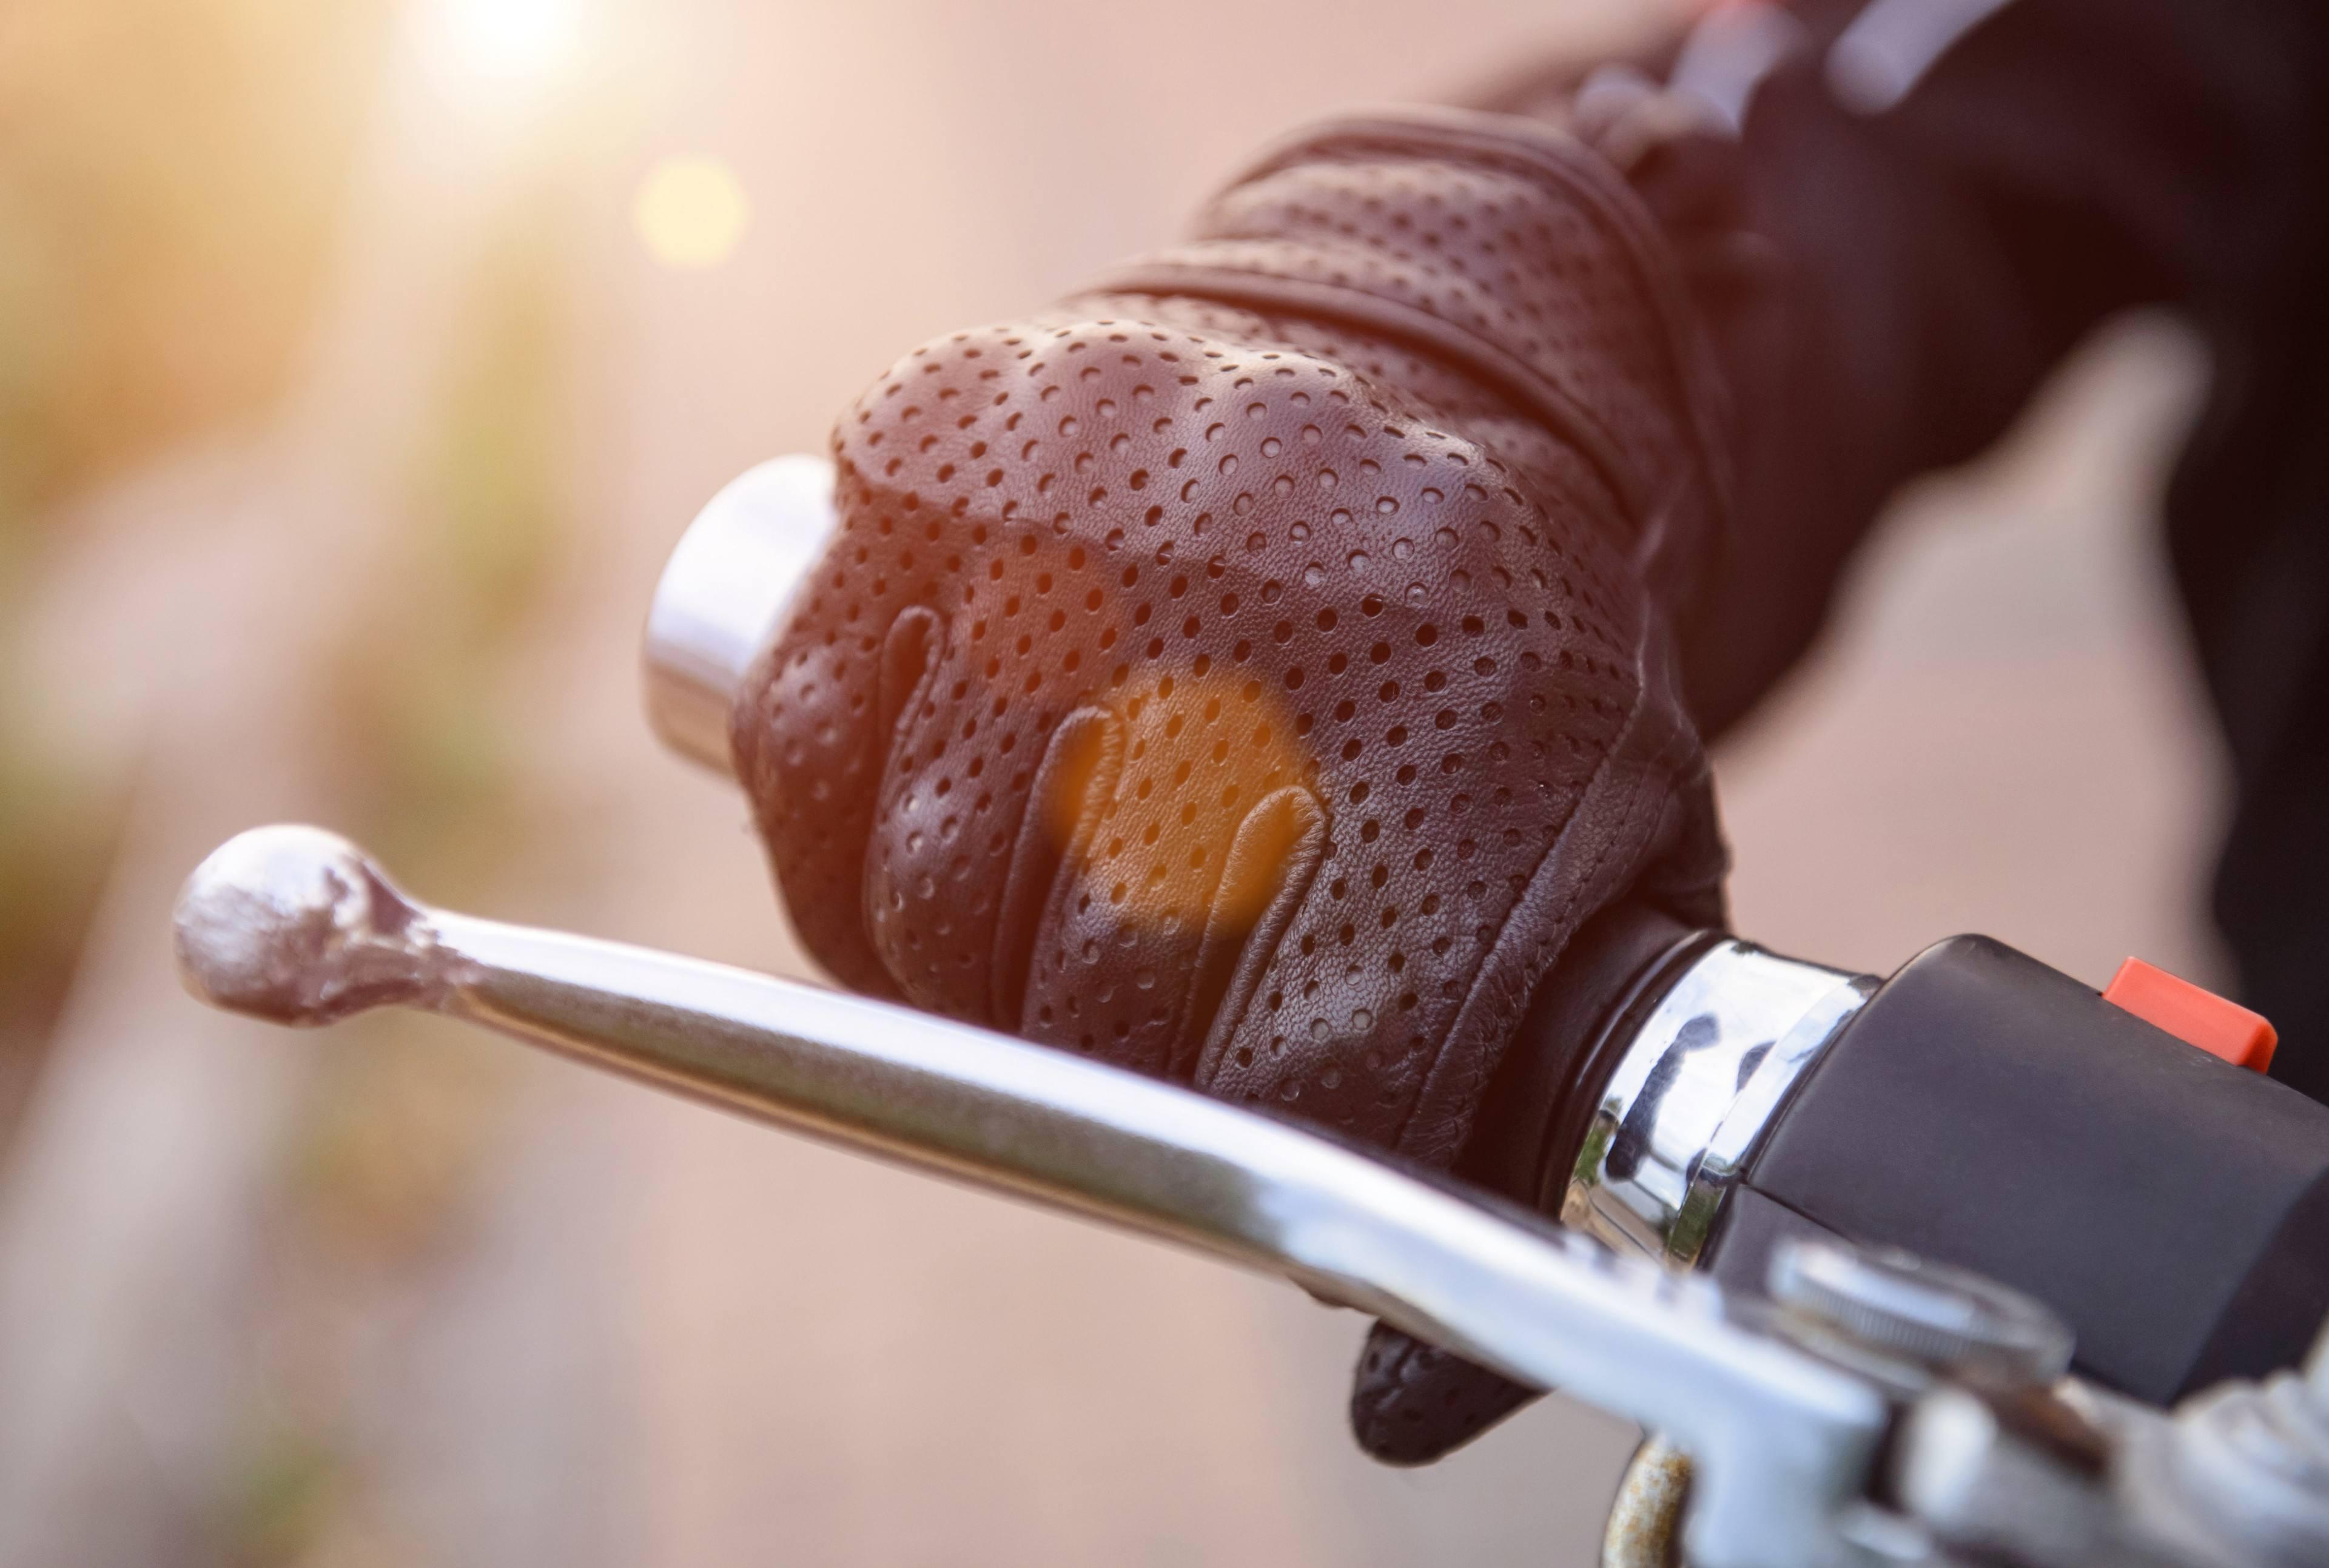 XXL Biker Glove.jpg